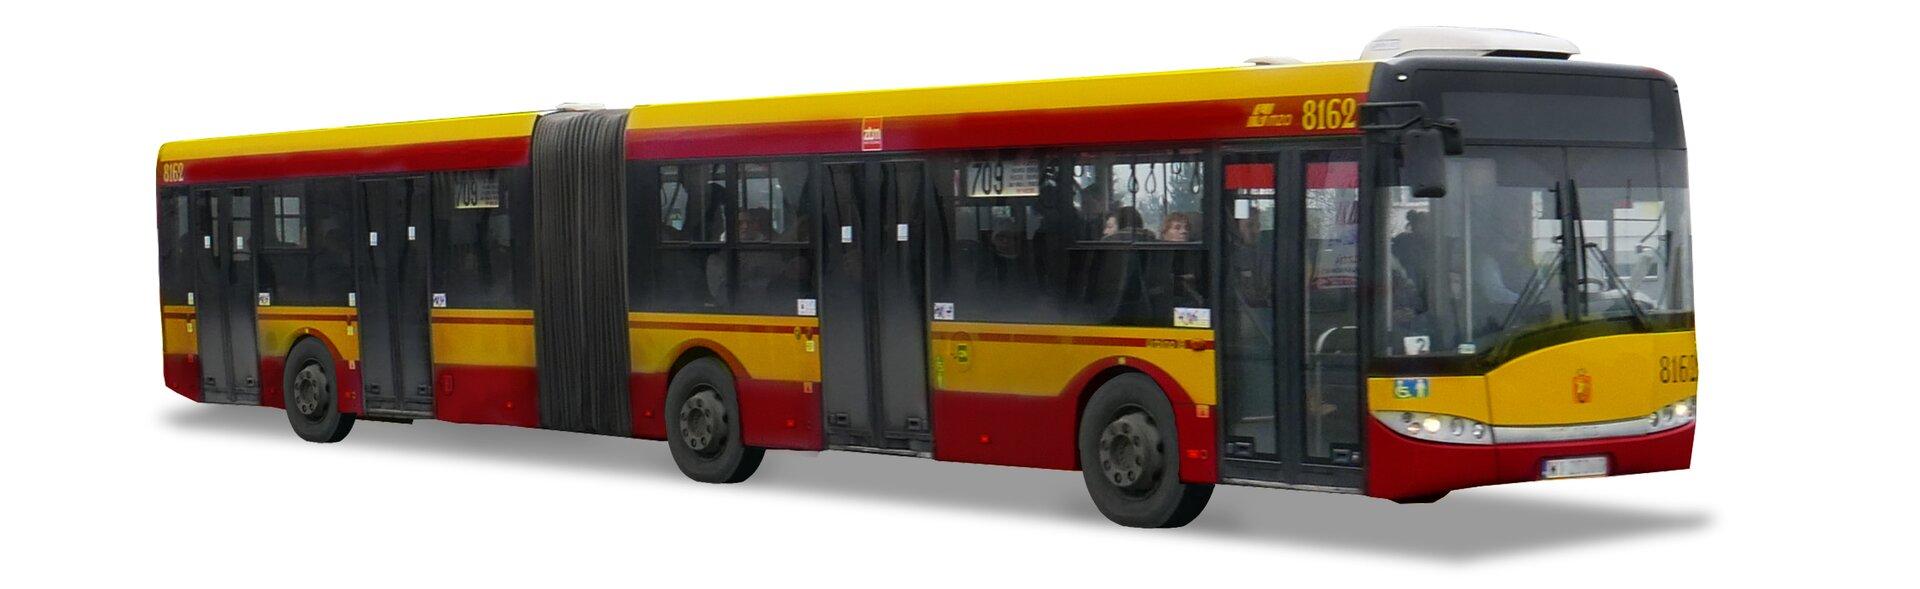 Rysunek autobusu przegubowego.